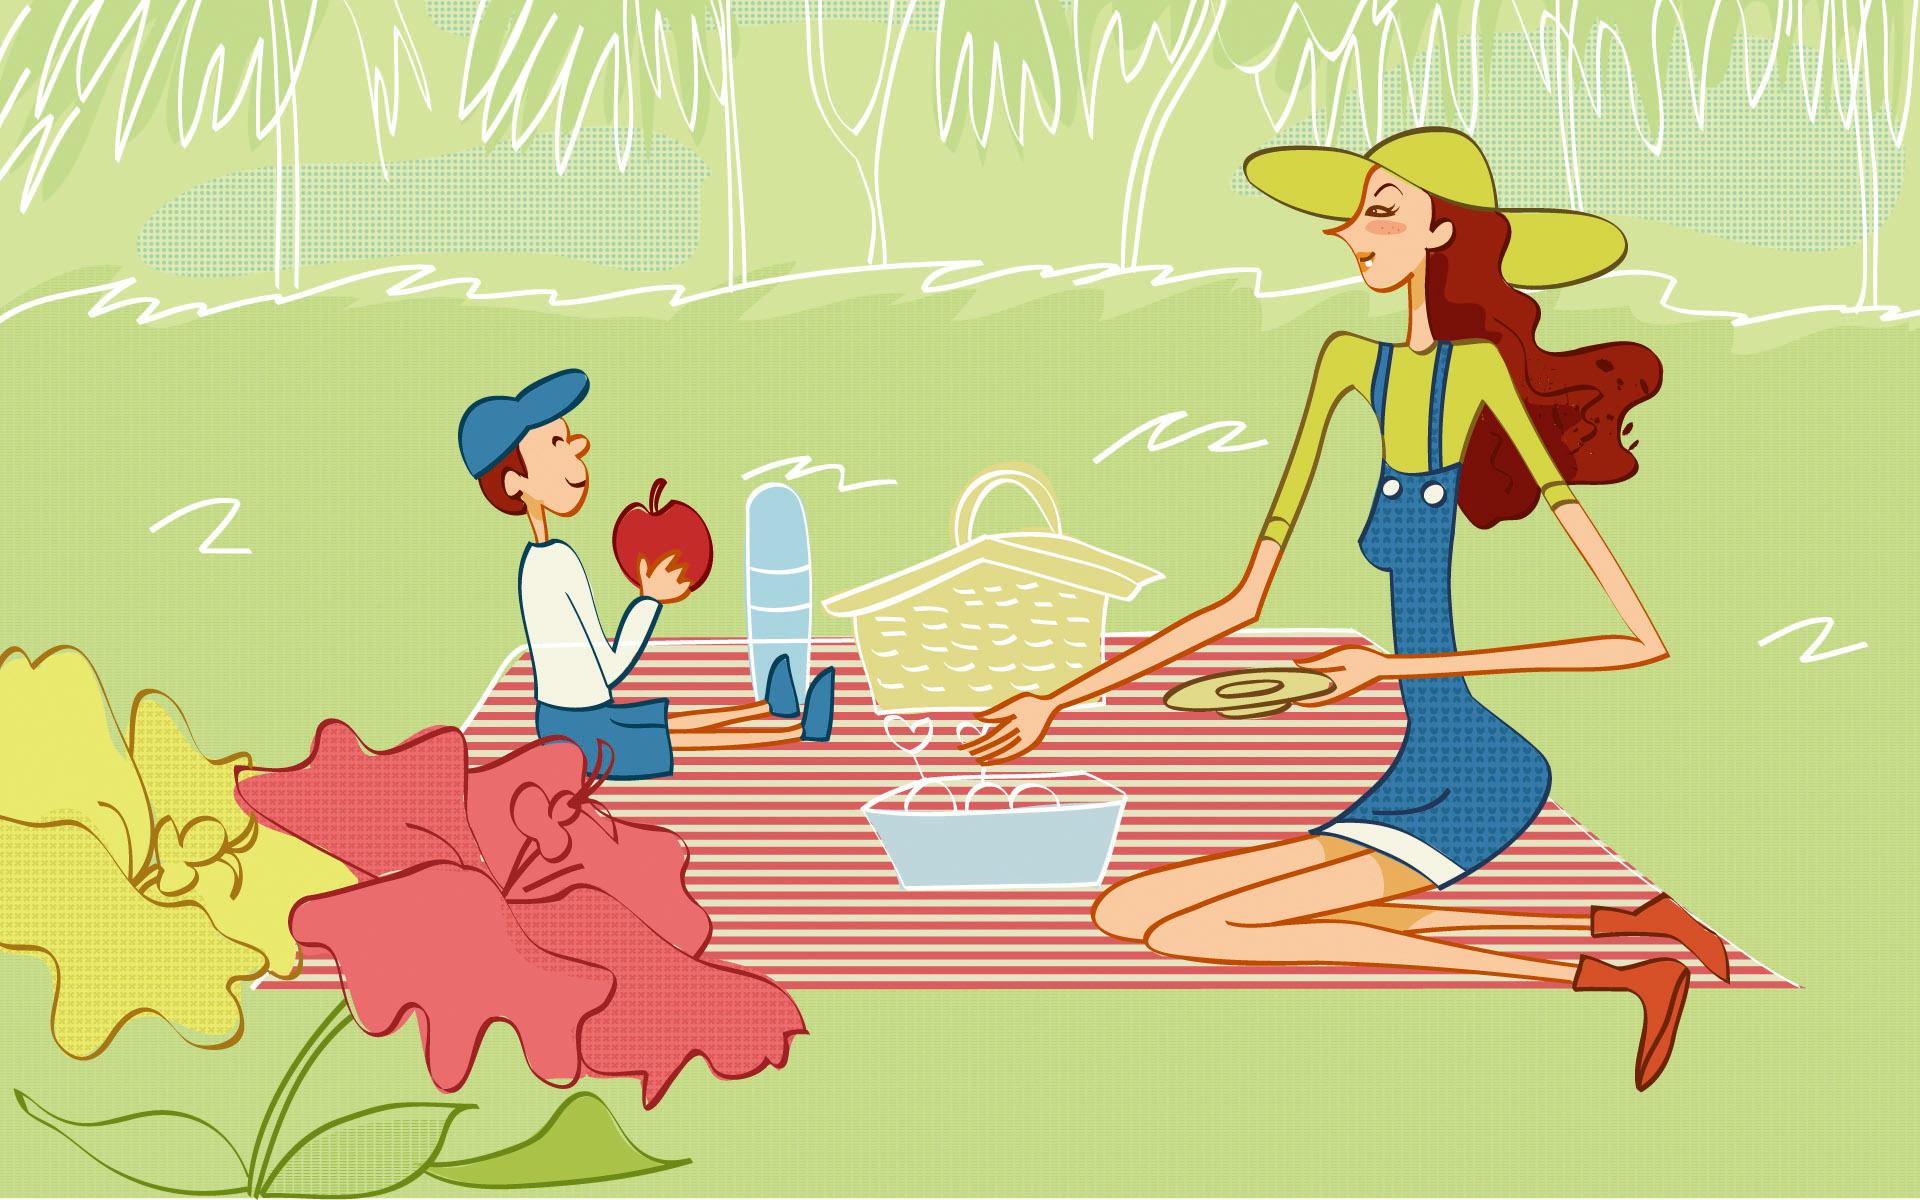 壁纸1920×1200矢量时尚女孩 12 14壁纸 矢量时尚女孩壁纸图片矢量壁纸矢量图片素材桌面壁纸